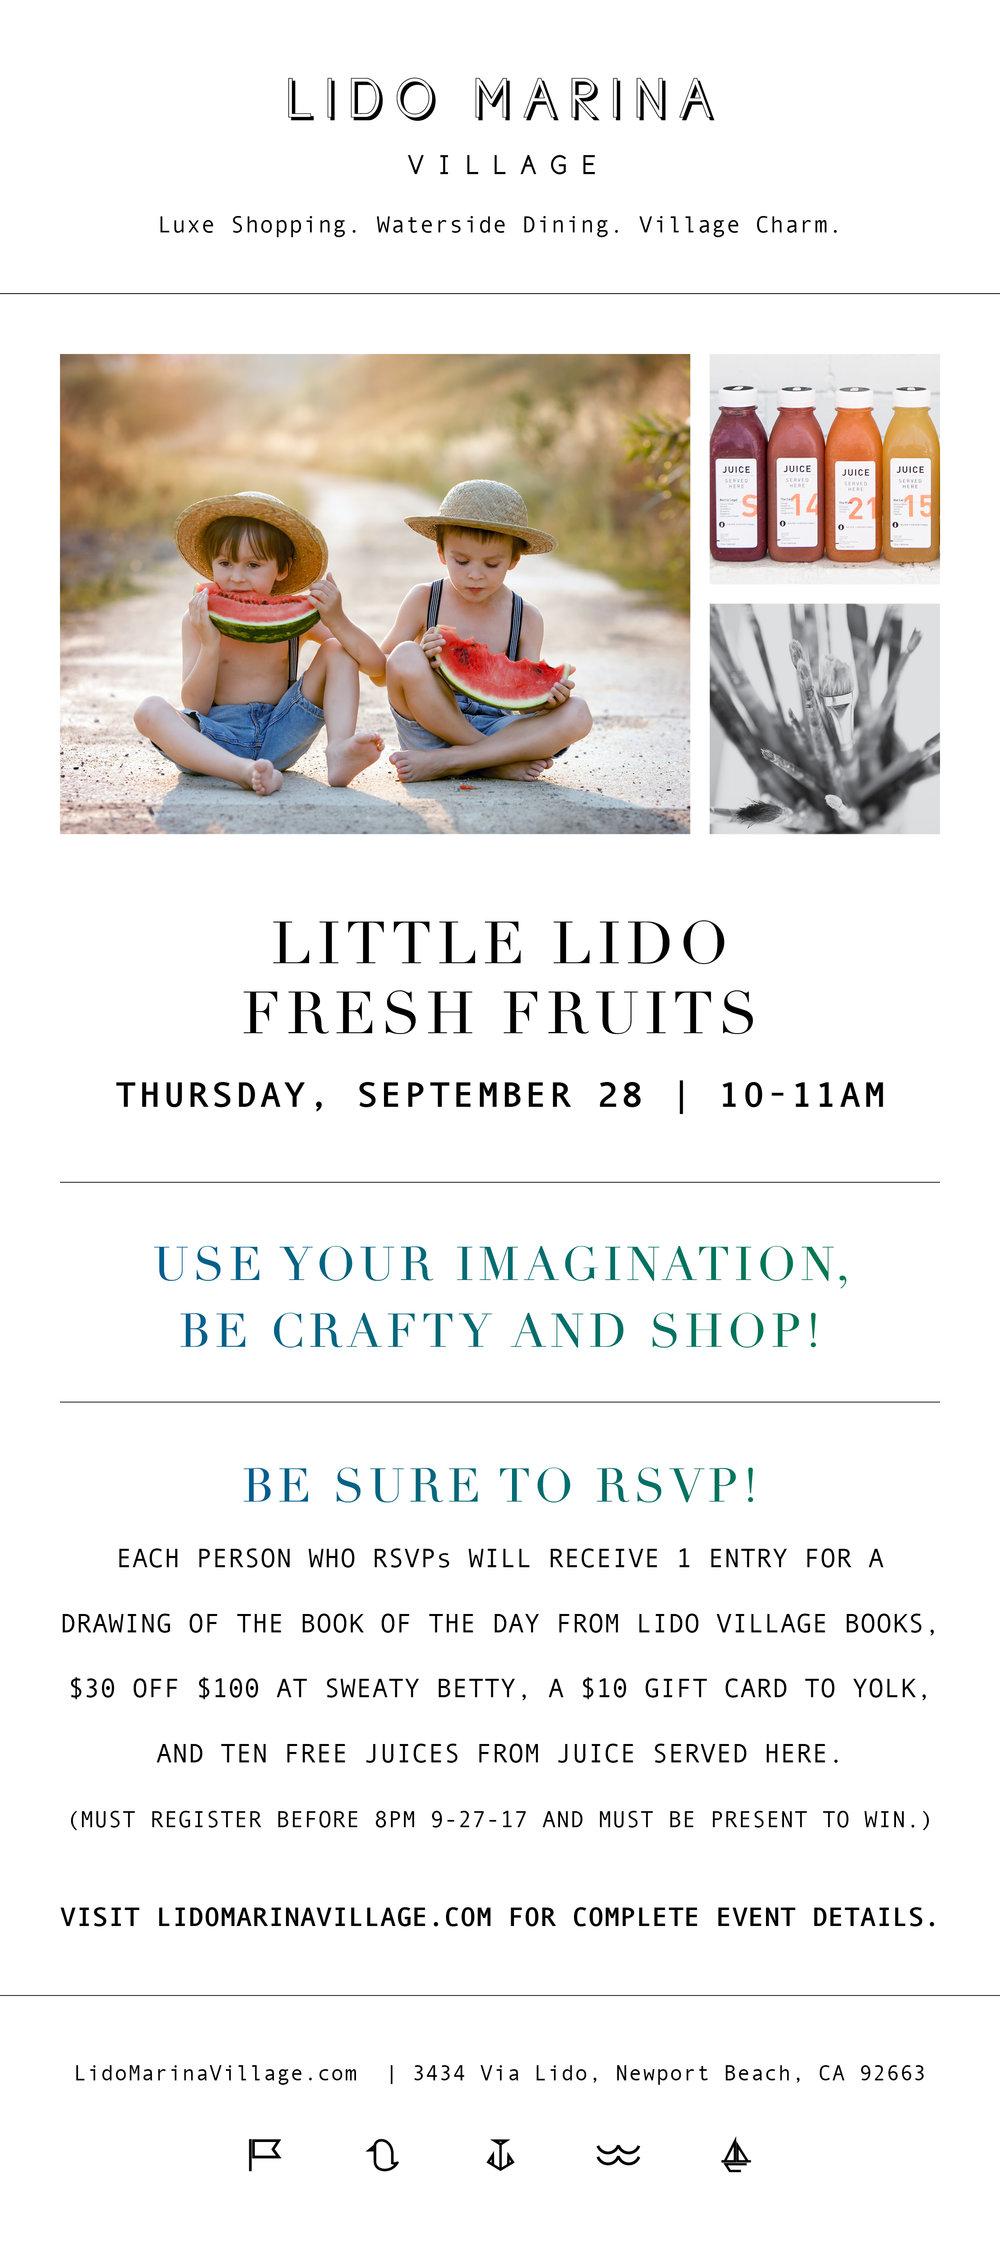 Little Lido_Web Asset_Sept 28.jpg